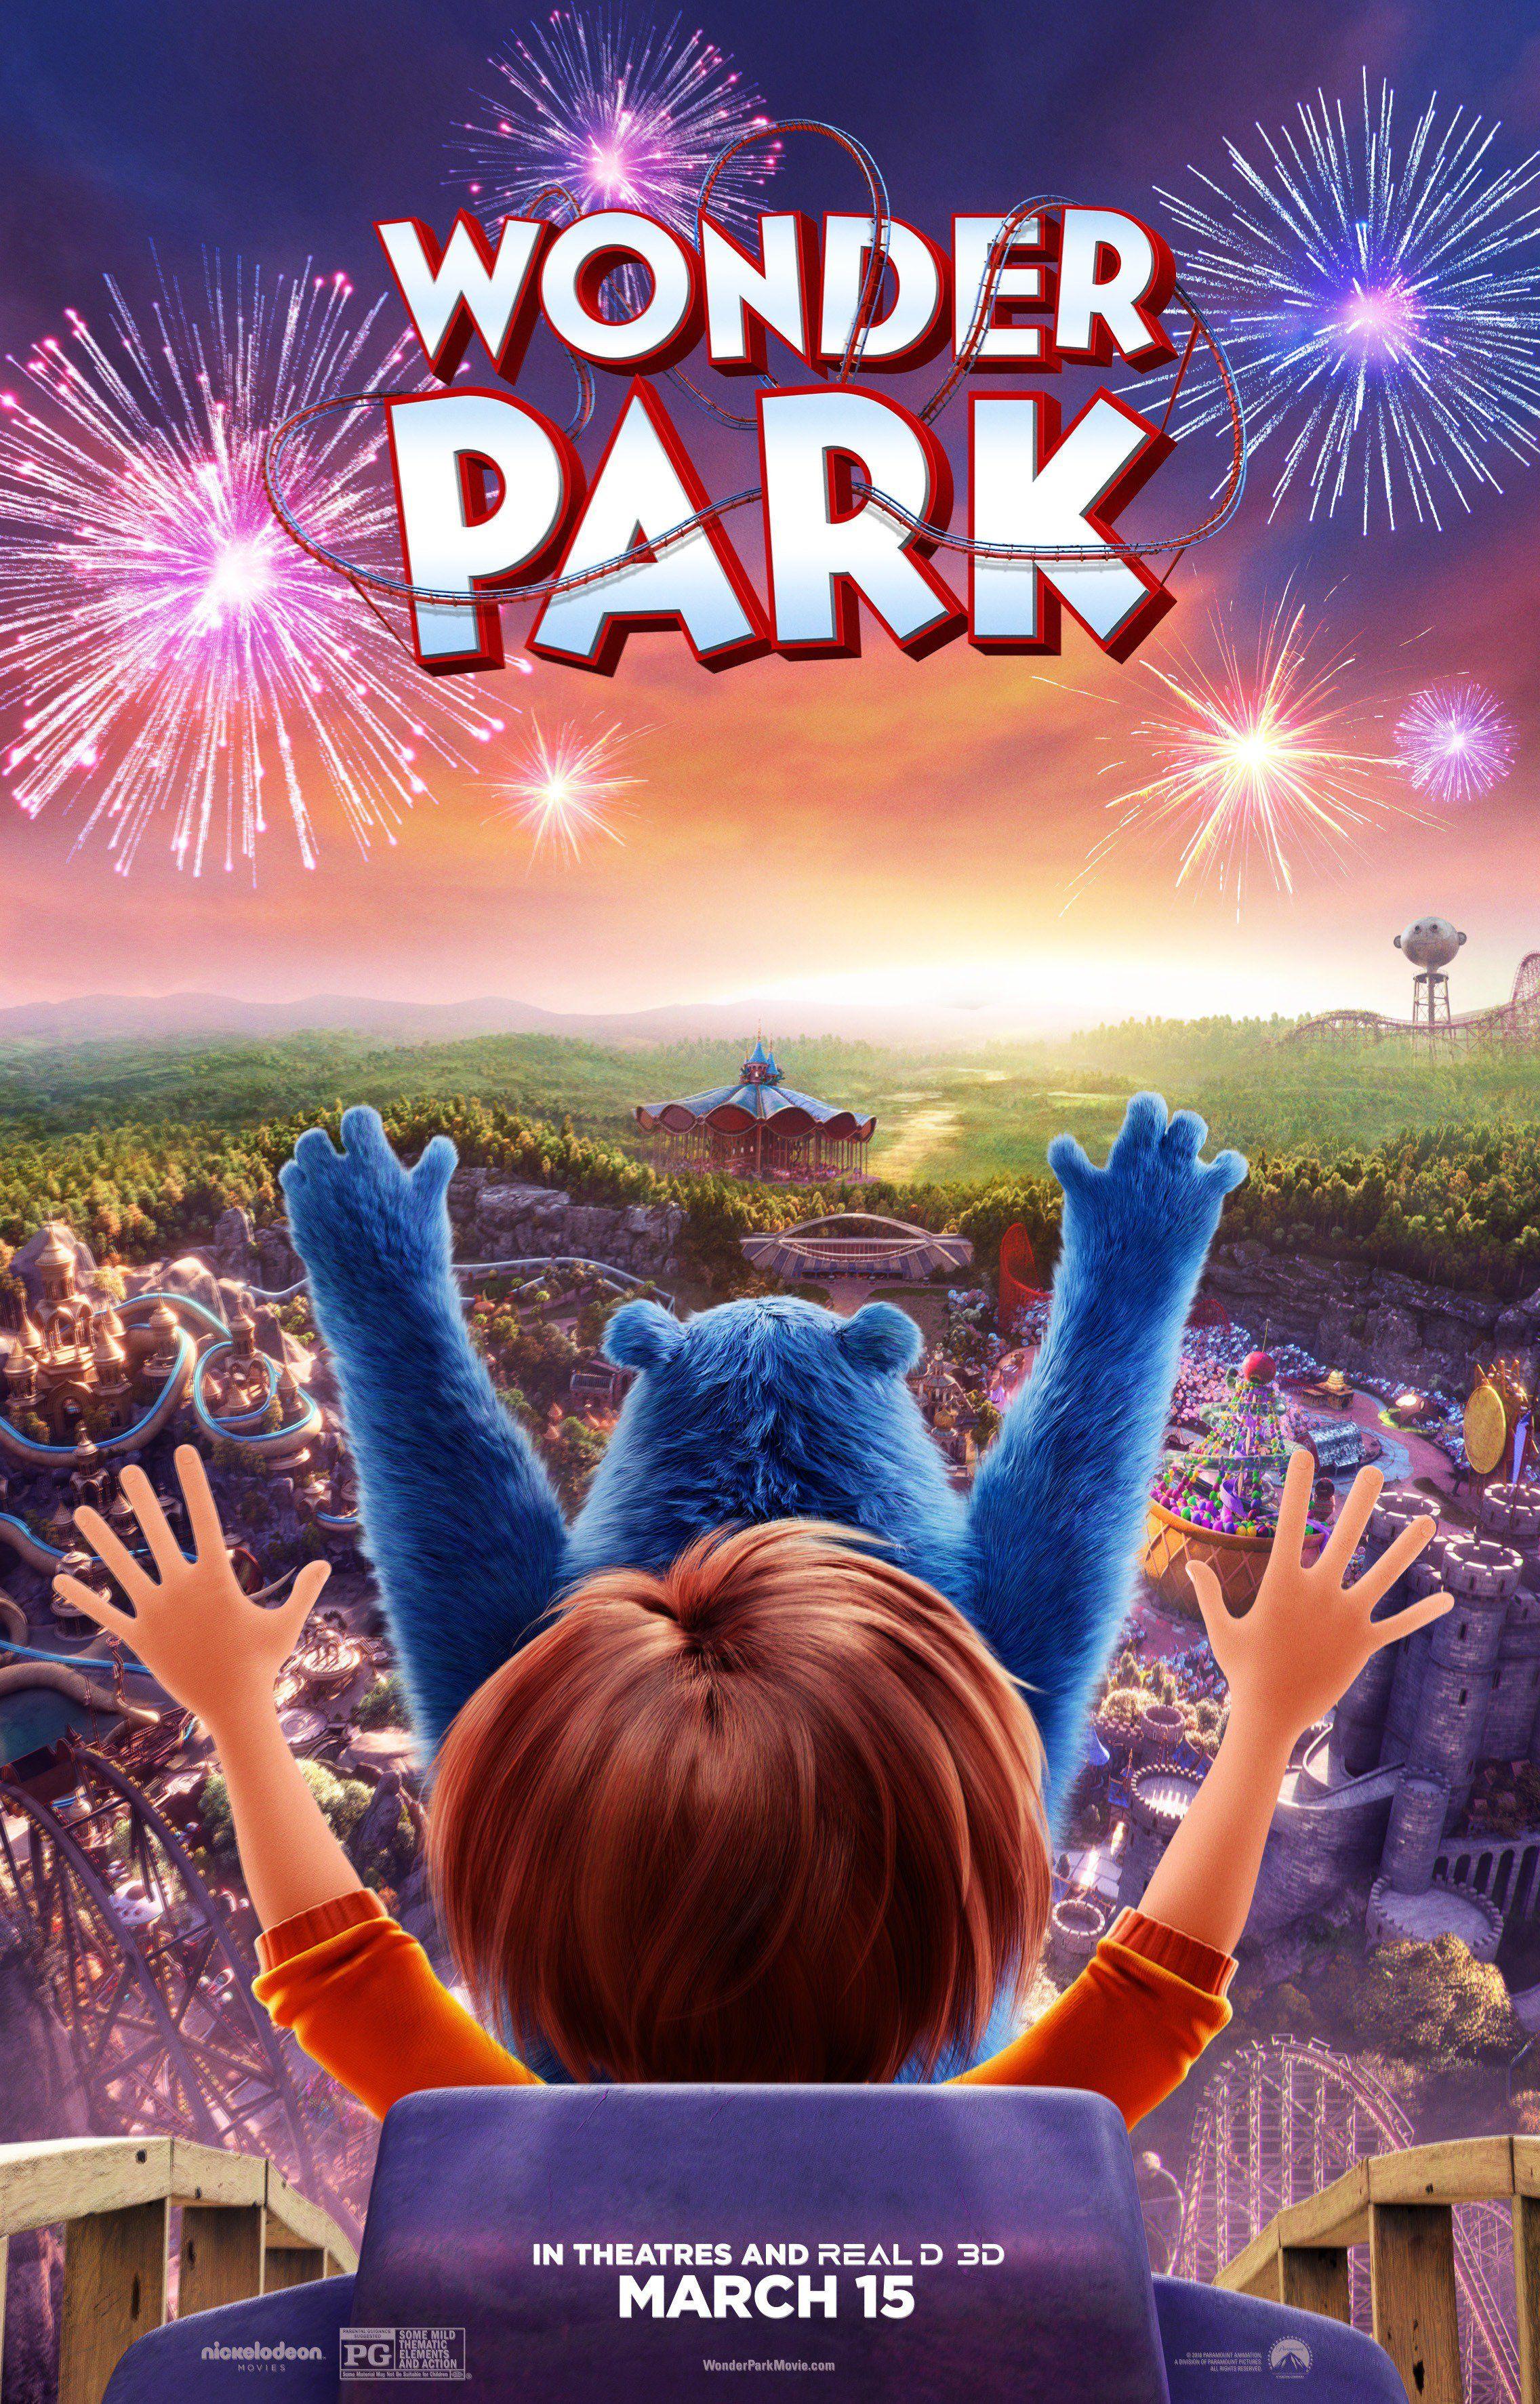 A Sua Imaginacao Vai Ganhar Vida Em Wonderpark